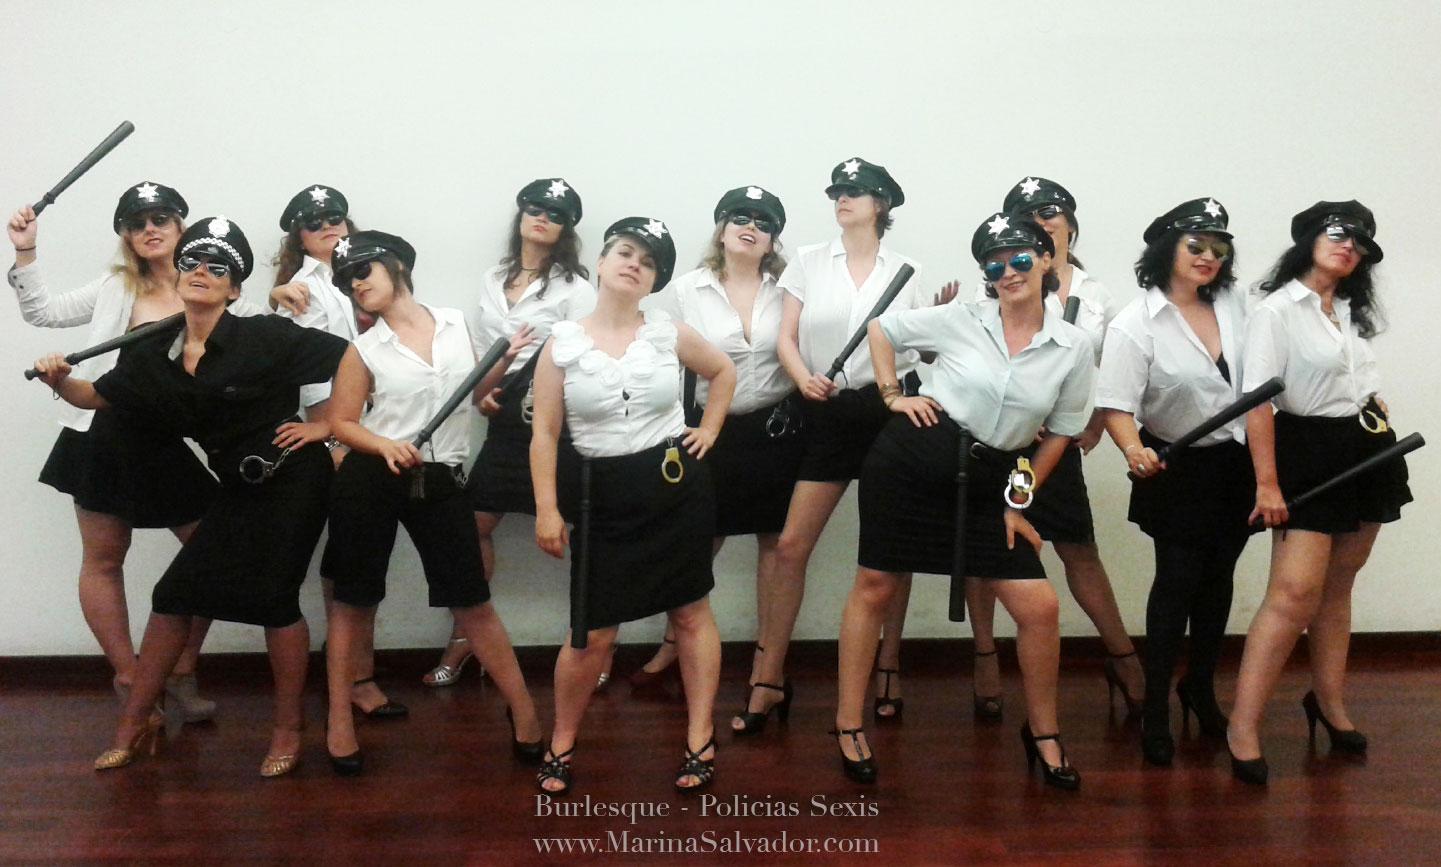 clase-polis-sexis-barcelona